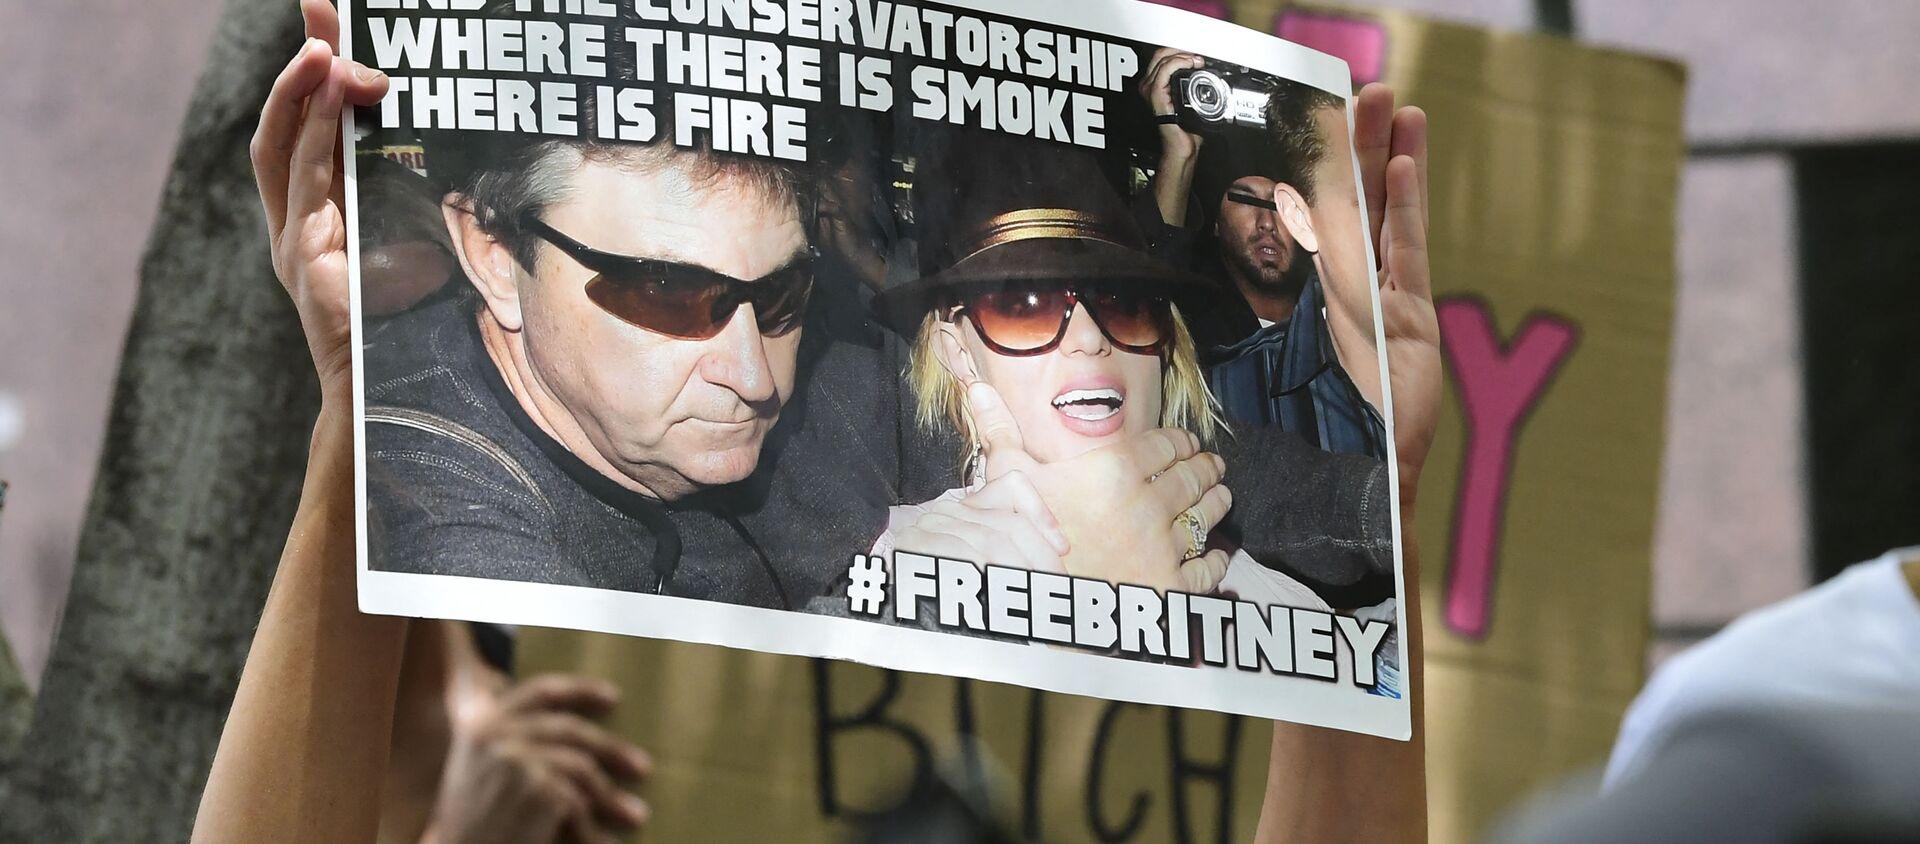 ブリトニー・スピアーズさんの成年後見からの自由を求める運動「Free Britney」 - Sputnik 日本, 1920, 05.07.2021